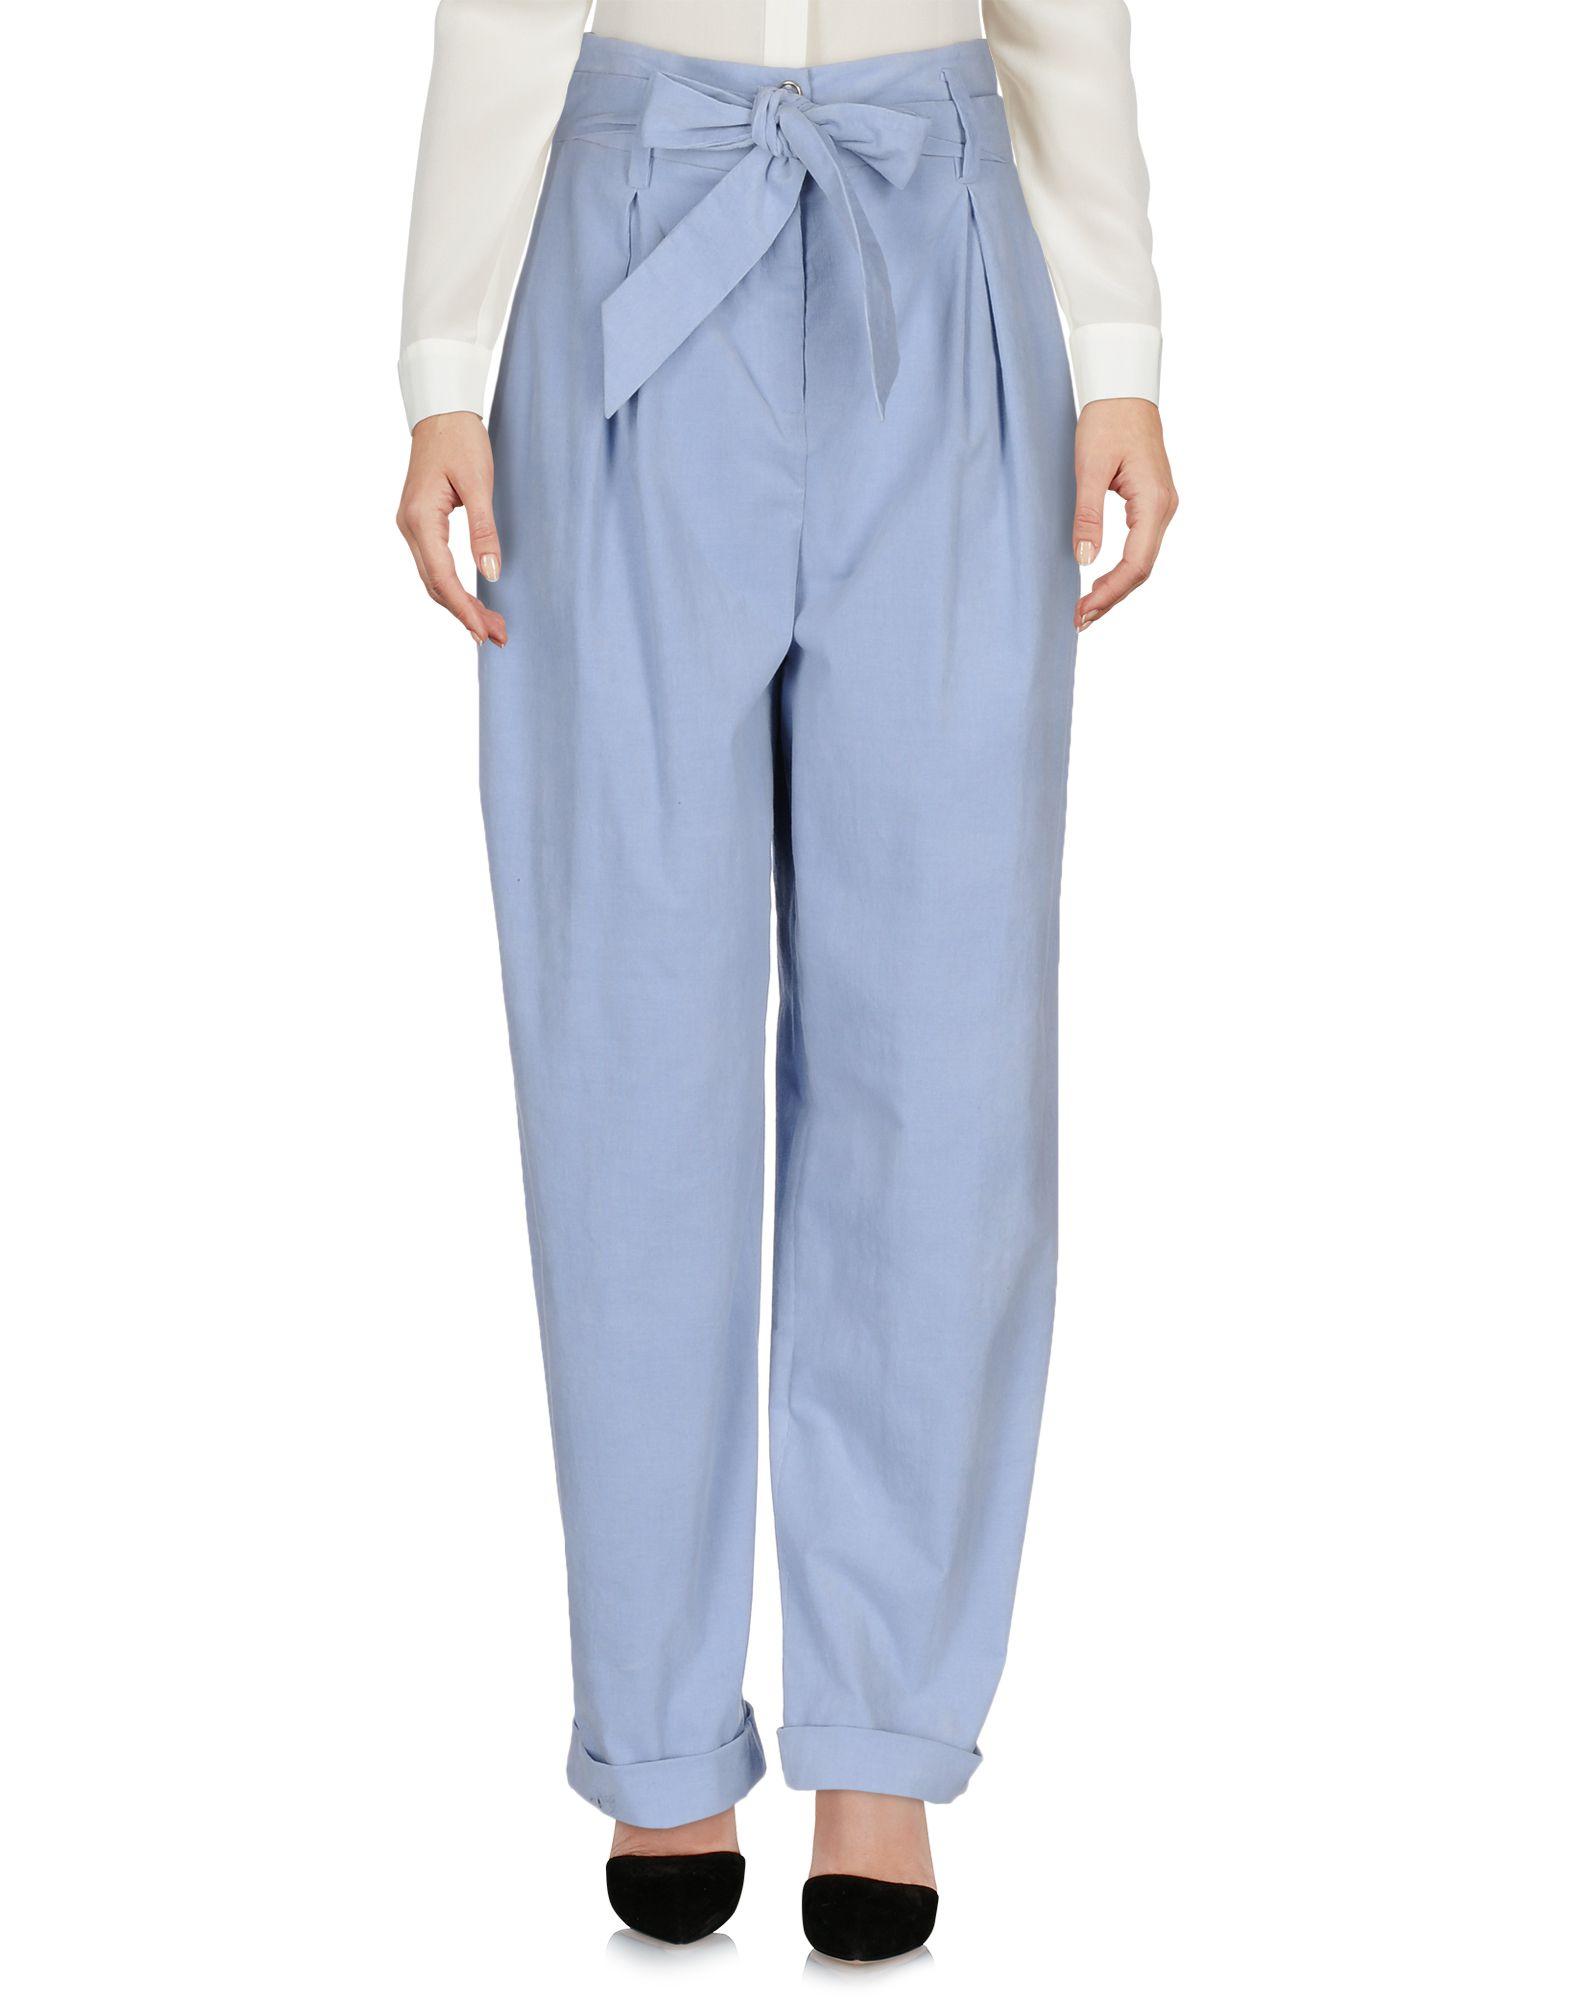 Pantalone Temperley London Donna - Acquista online su xnYGno3H54